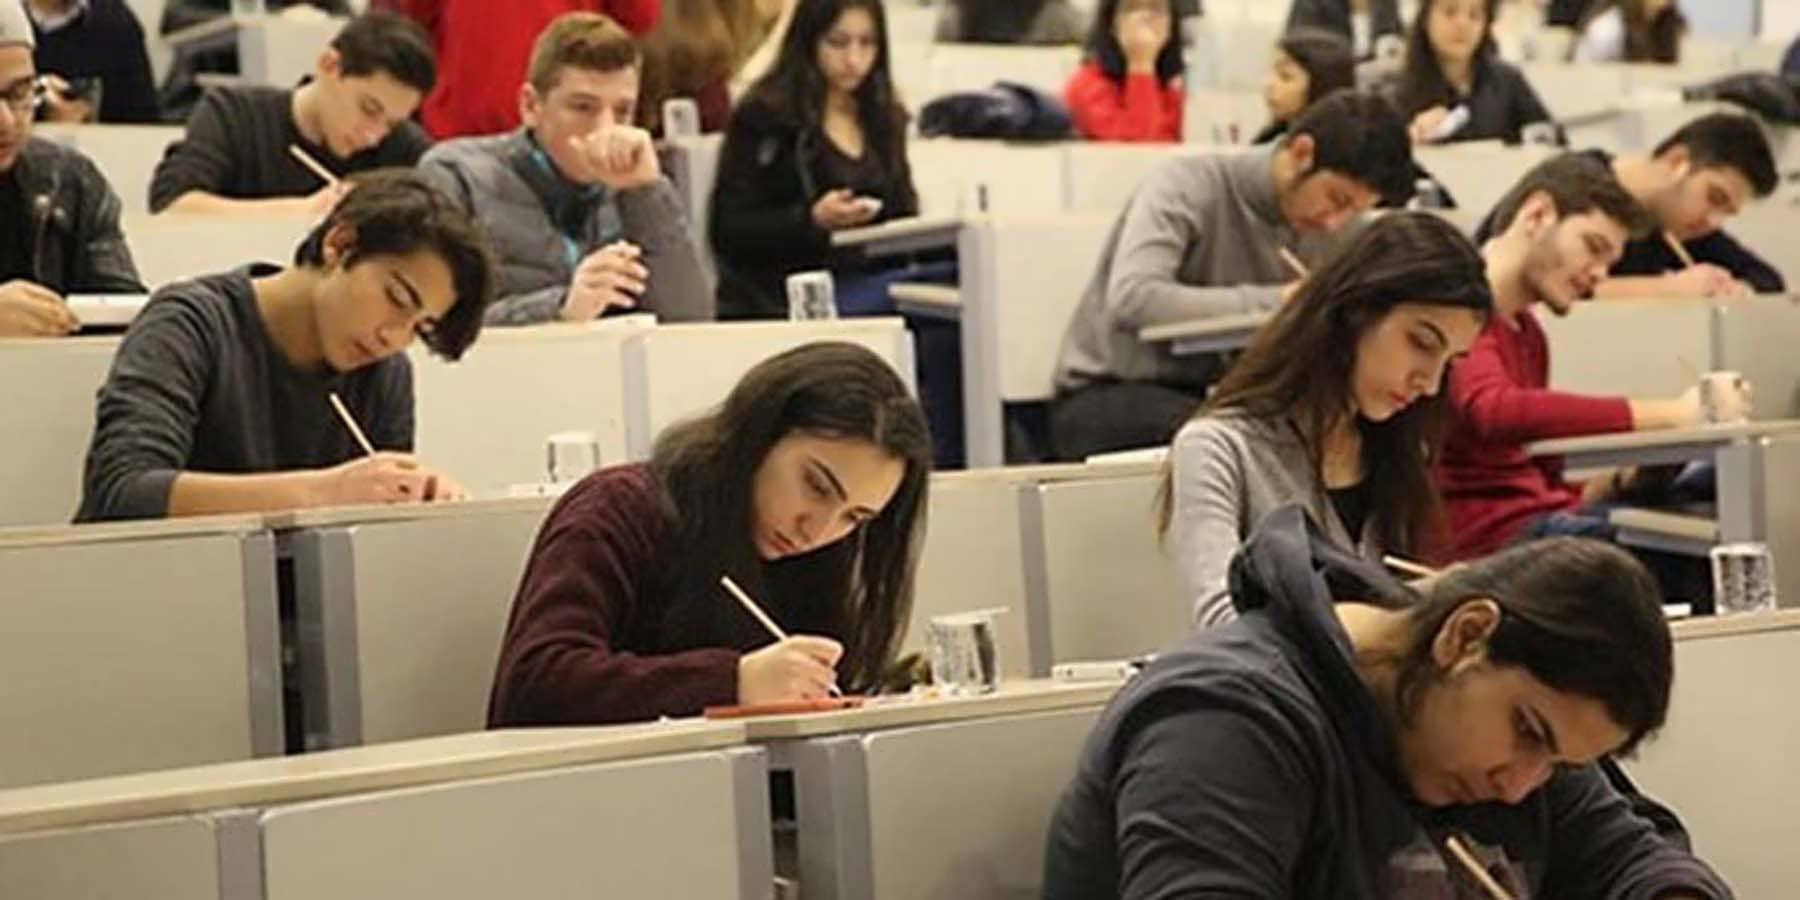 Üniversite 3. Sınıf Öğrencileri KPSS Lisans Sınavına Girebilir Mi?